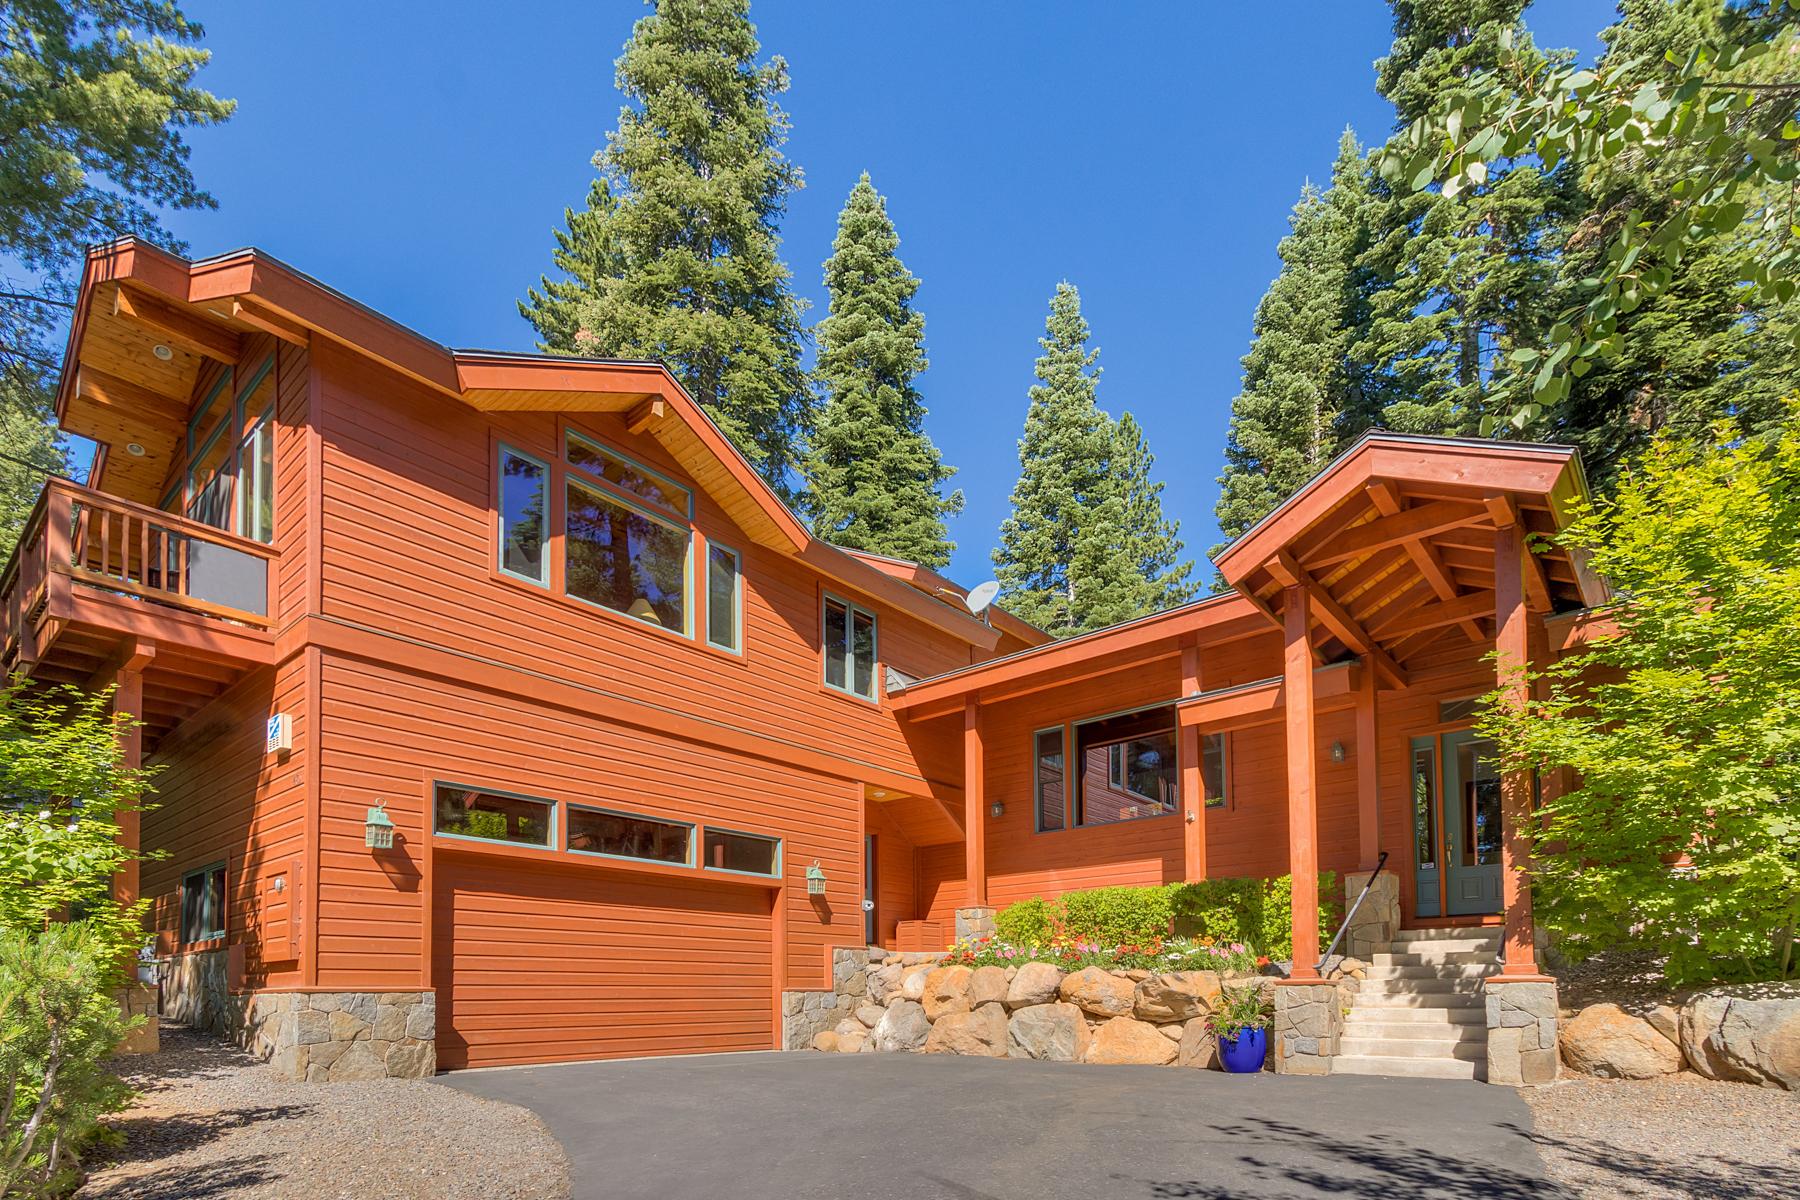 Casa Unifamiliar por un Venta en 485 High Street, Carnelian Bay, CA Carnelian Bay, California 96140 Estados Unidos